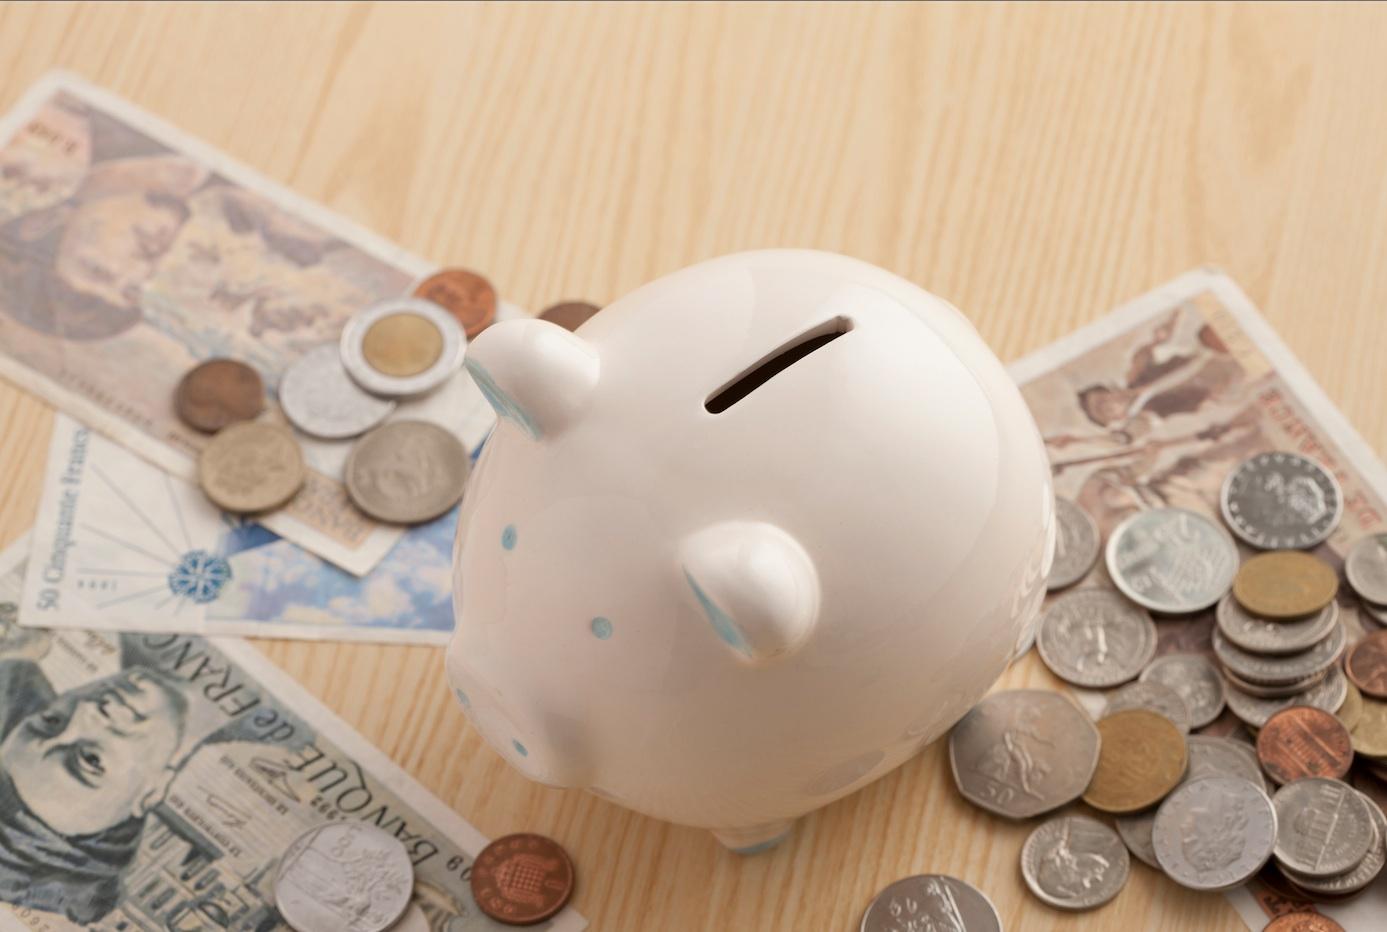 関税対策節約のコツ